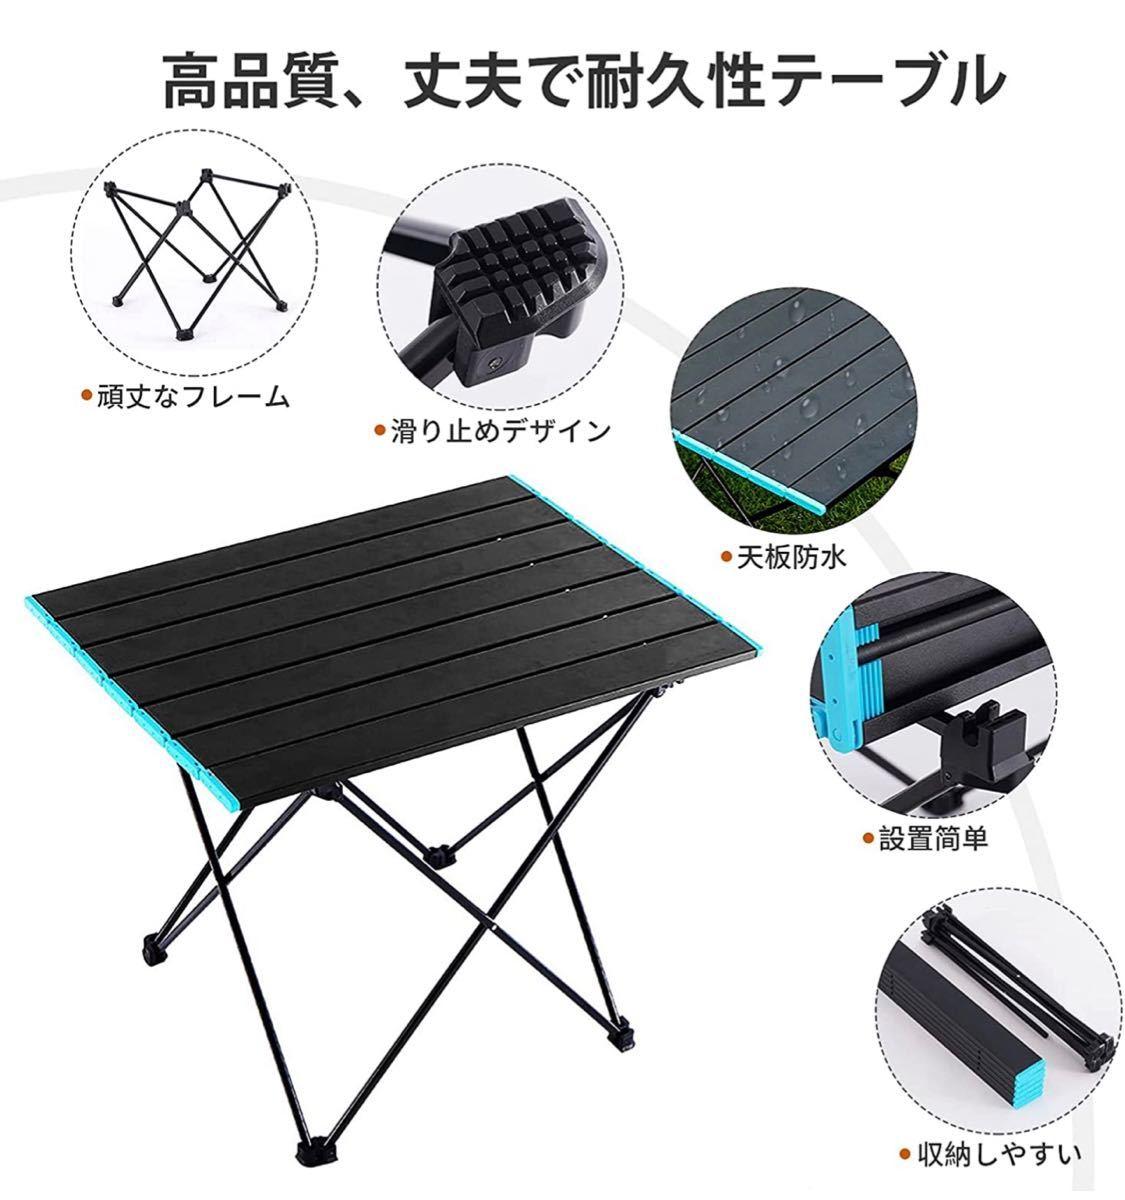 アウトドアテーブル キャンプテーブル 折畳テーブル チェアセット アルミ製 折りたたみ式 コンパクト ロールテーブル 超軽量